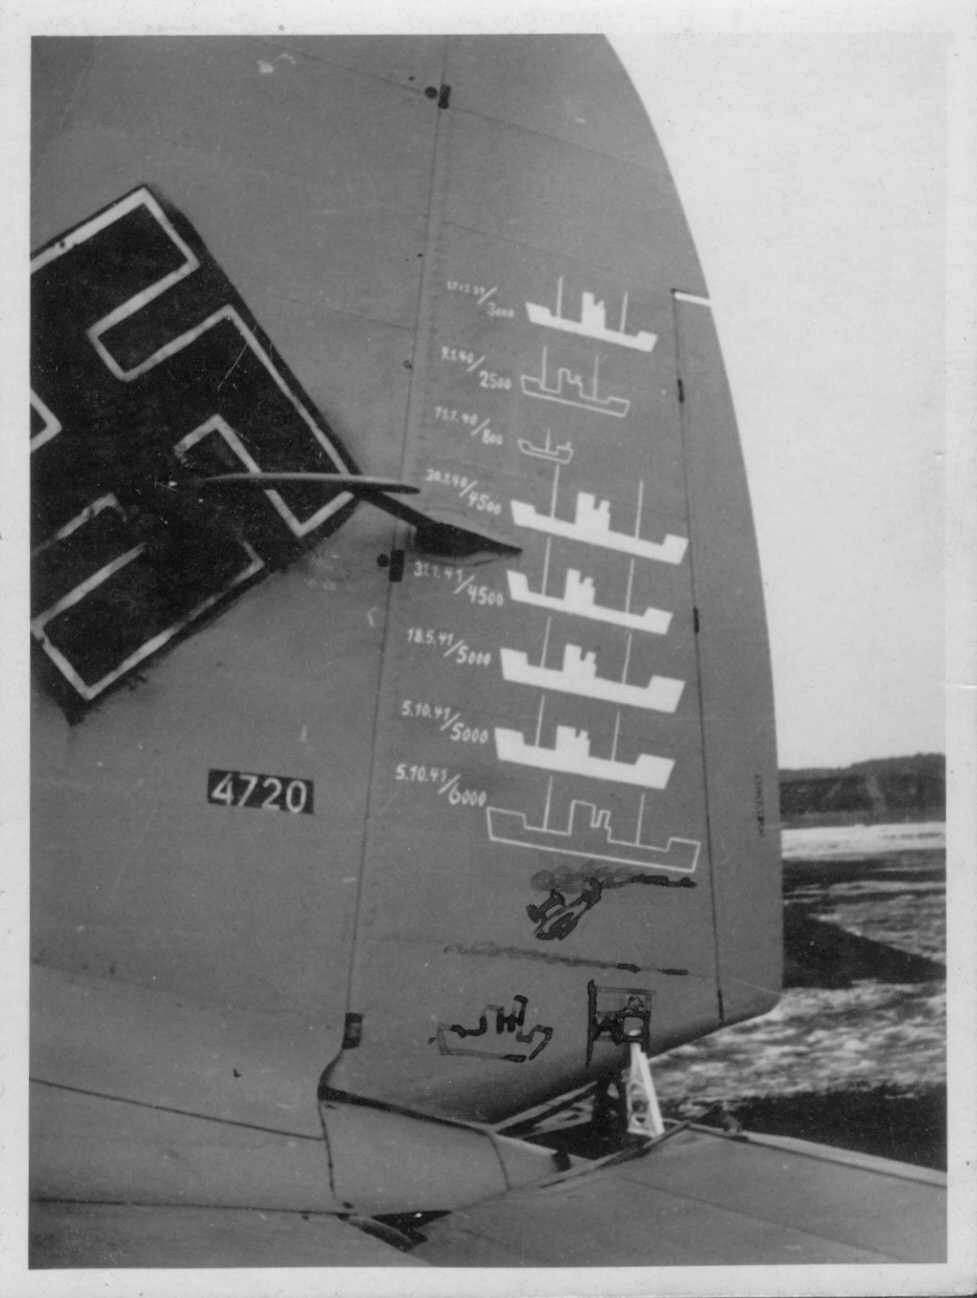 Victoires aeriennes - Page 2 Untitl10